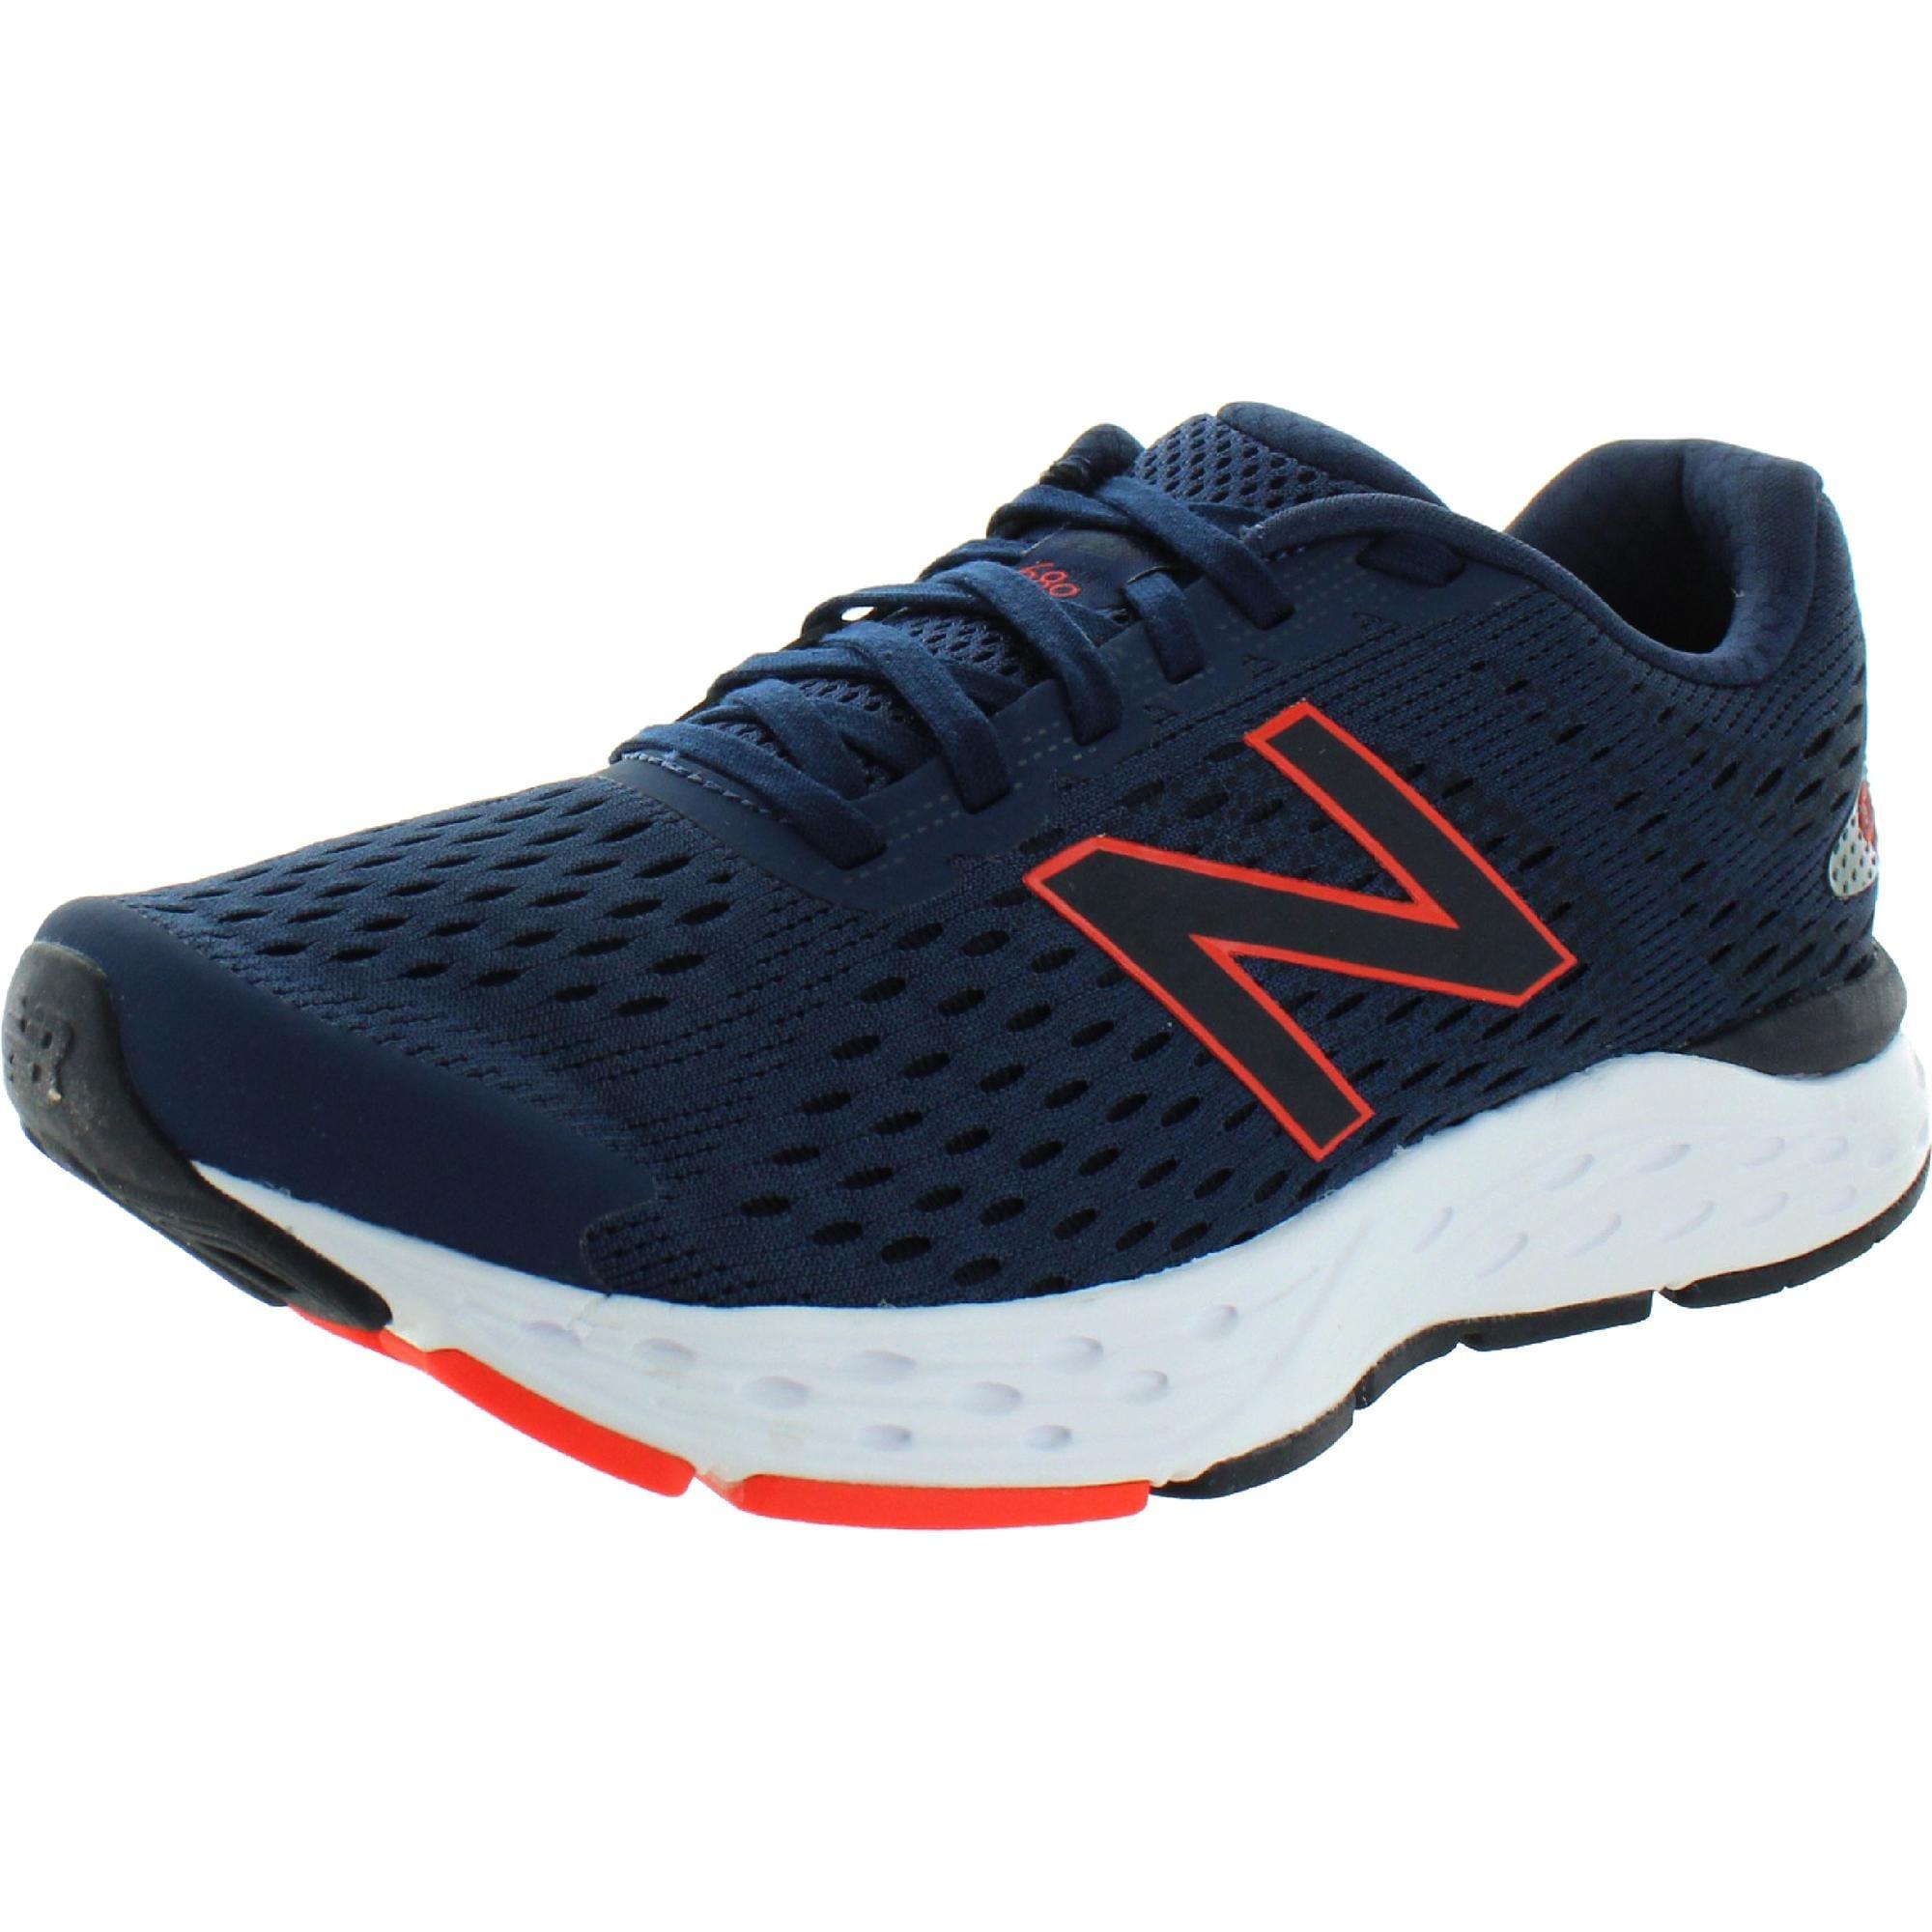 Shop New Balance Mens 680v6 Running